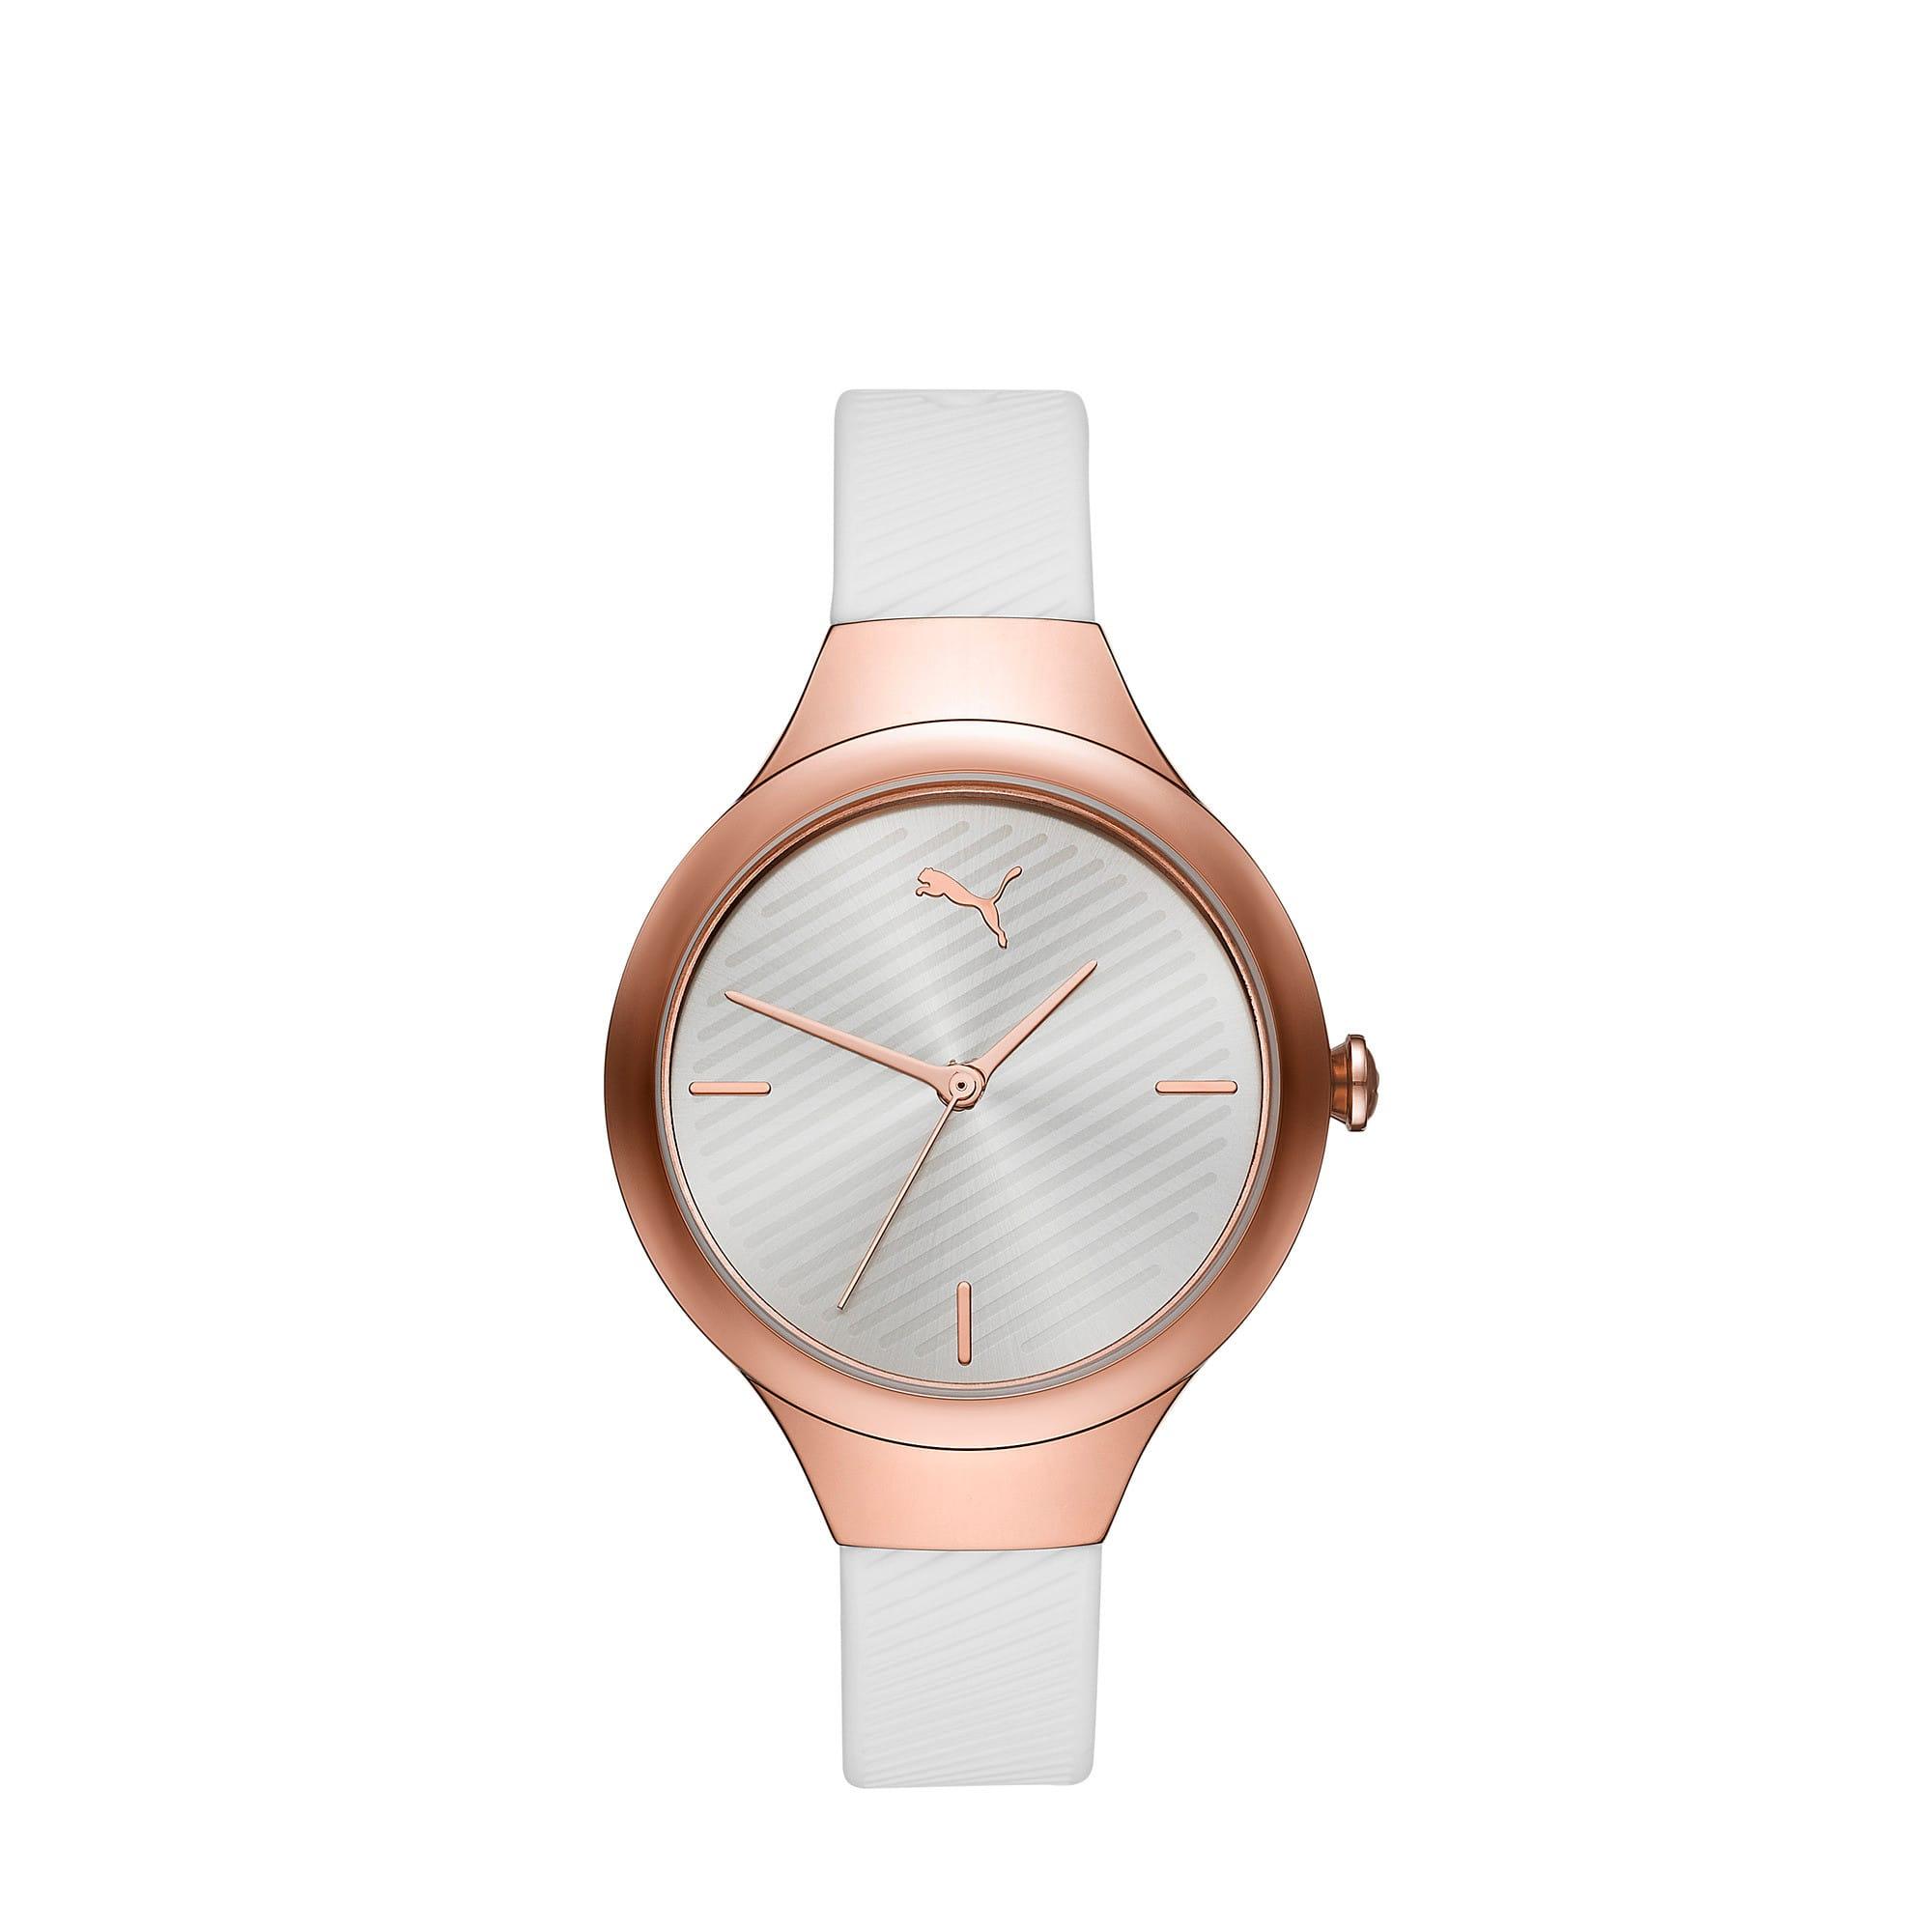 Thumbnail 1 of Contour Rose Gold Watch, Rose gold/White, medium